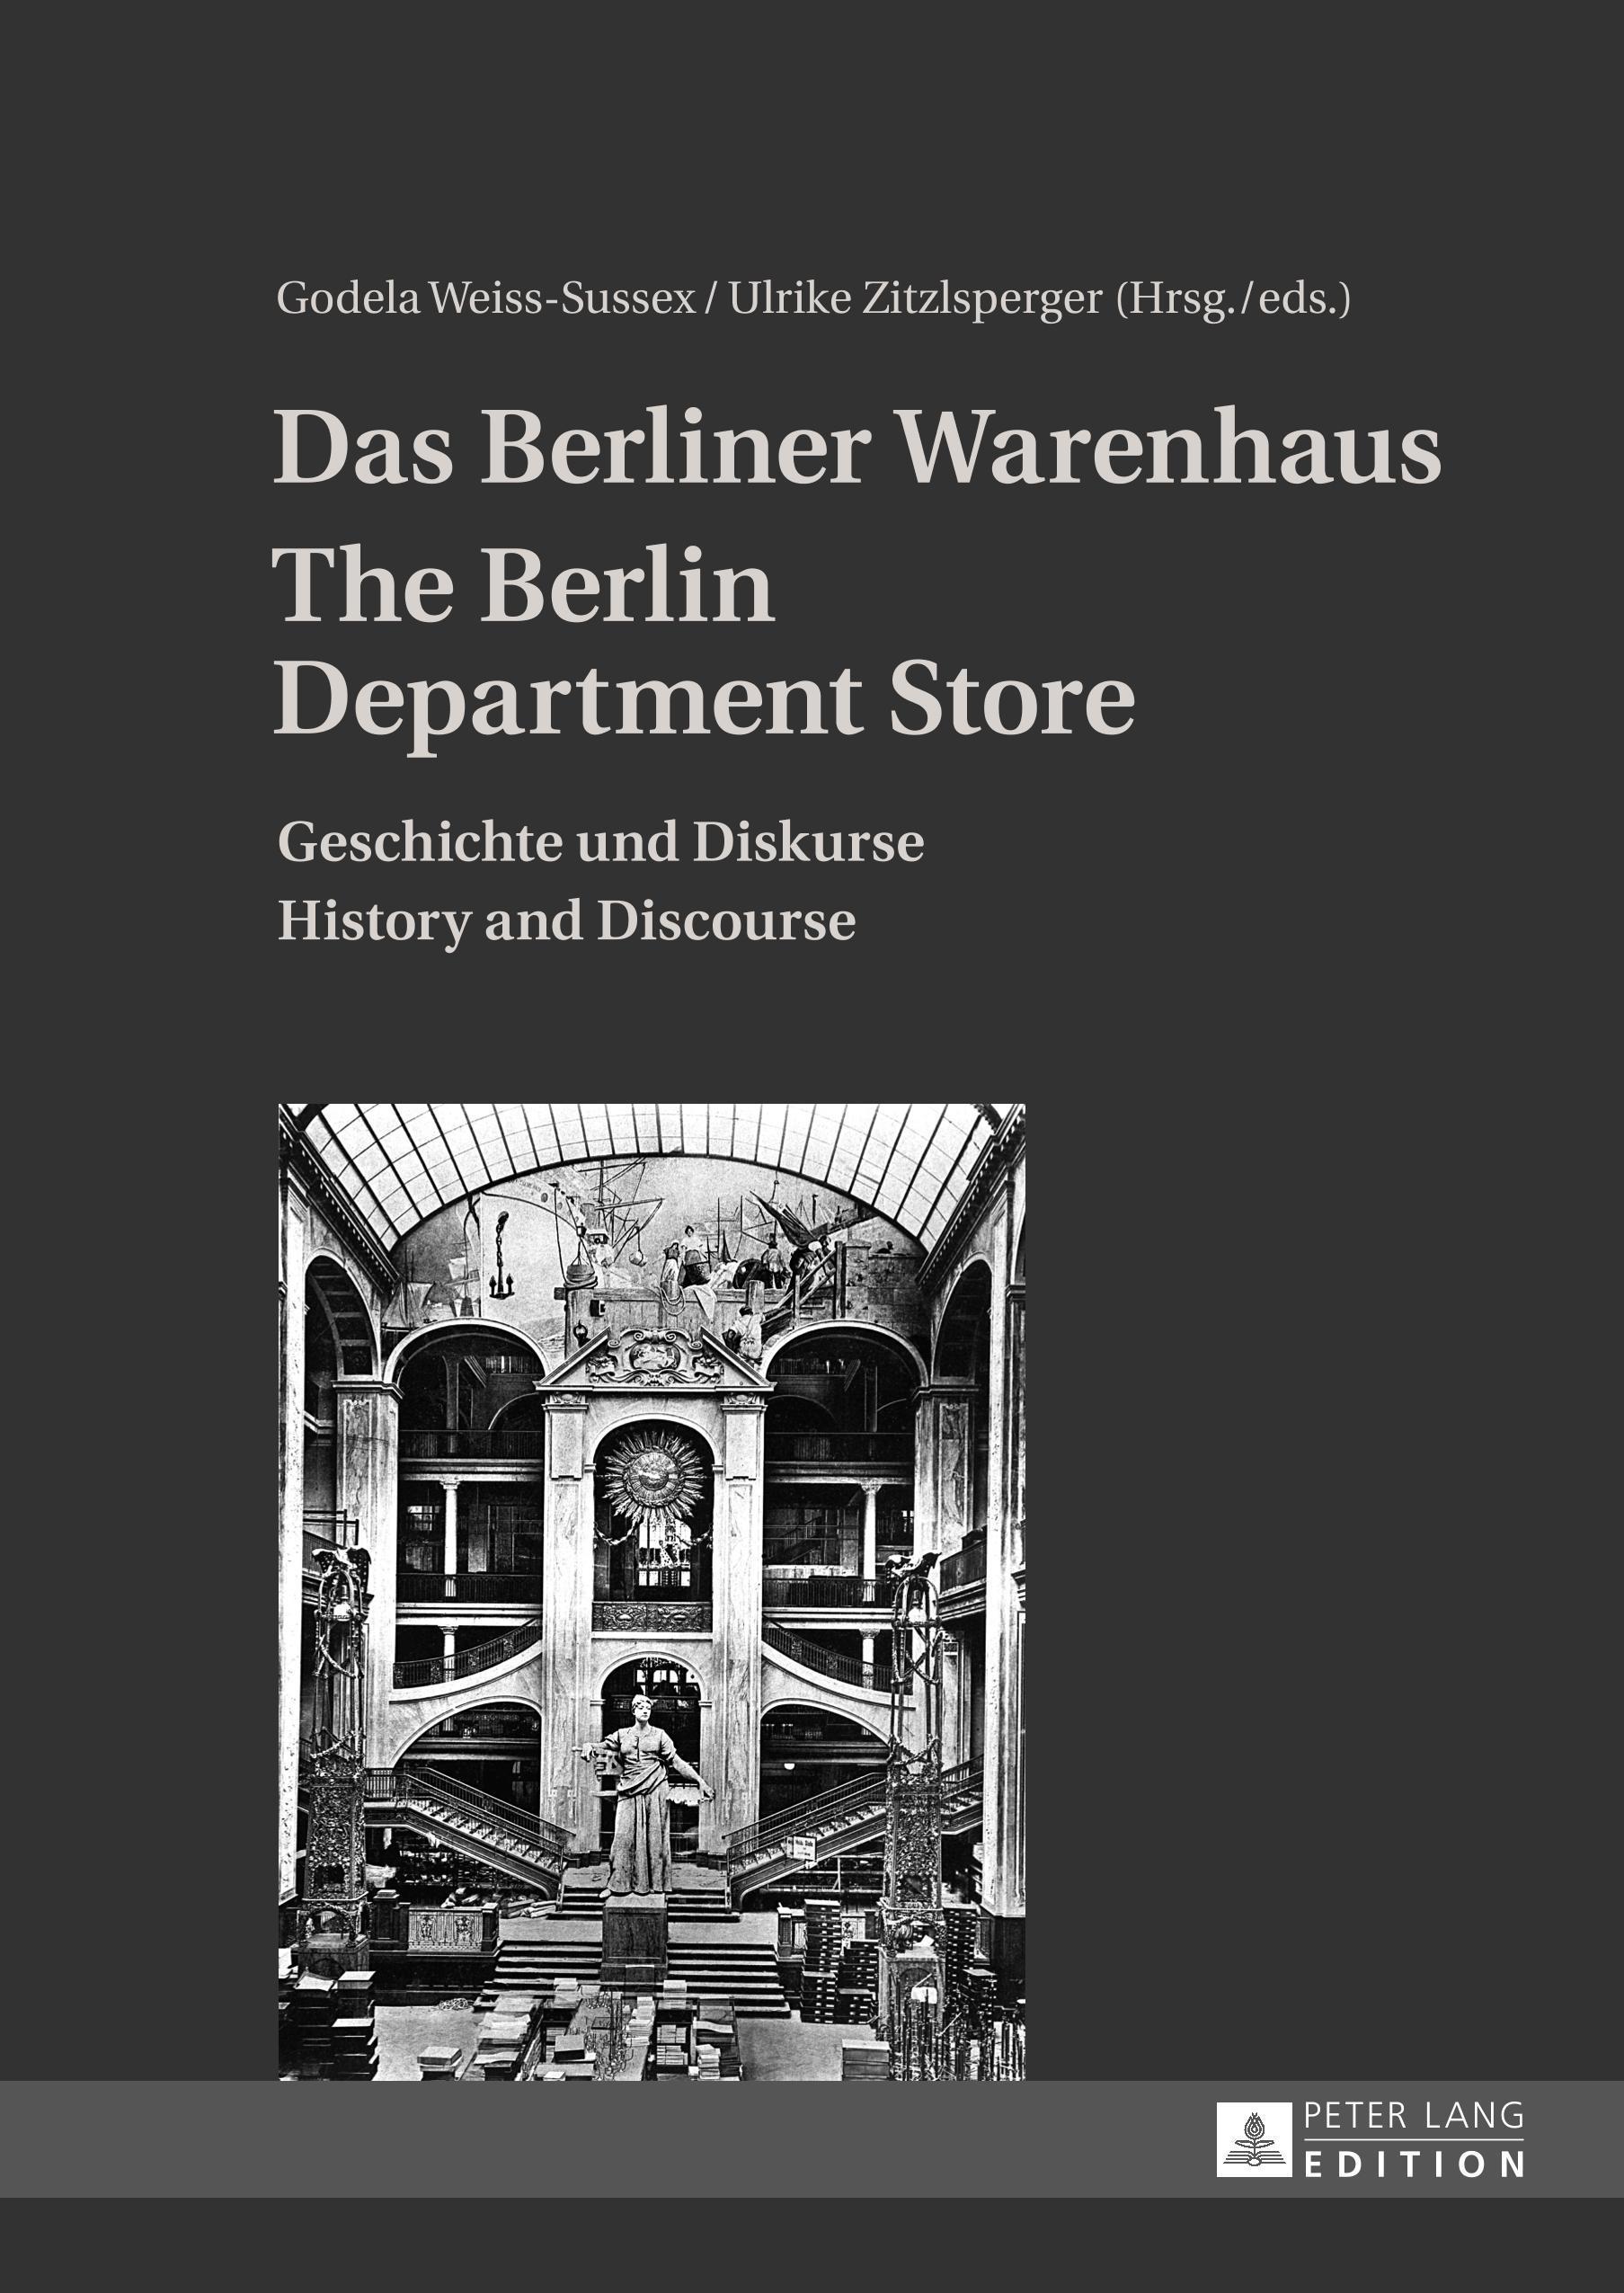 Das Berliner Warenhaus. The Berlin Department Store Godela Weiss-Sussex